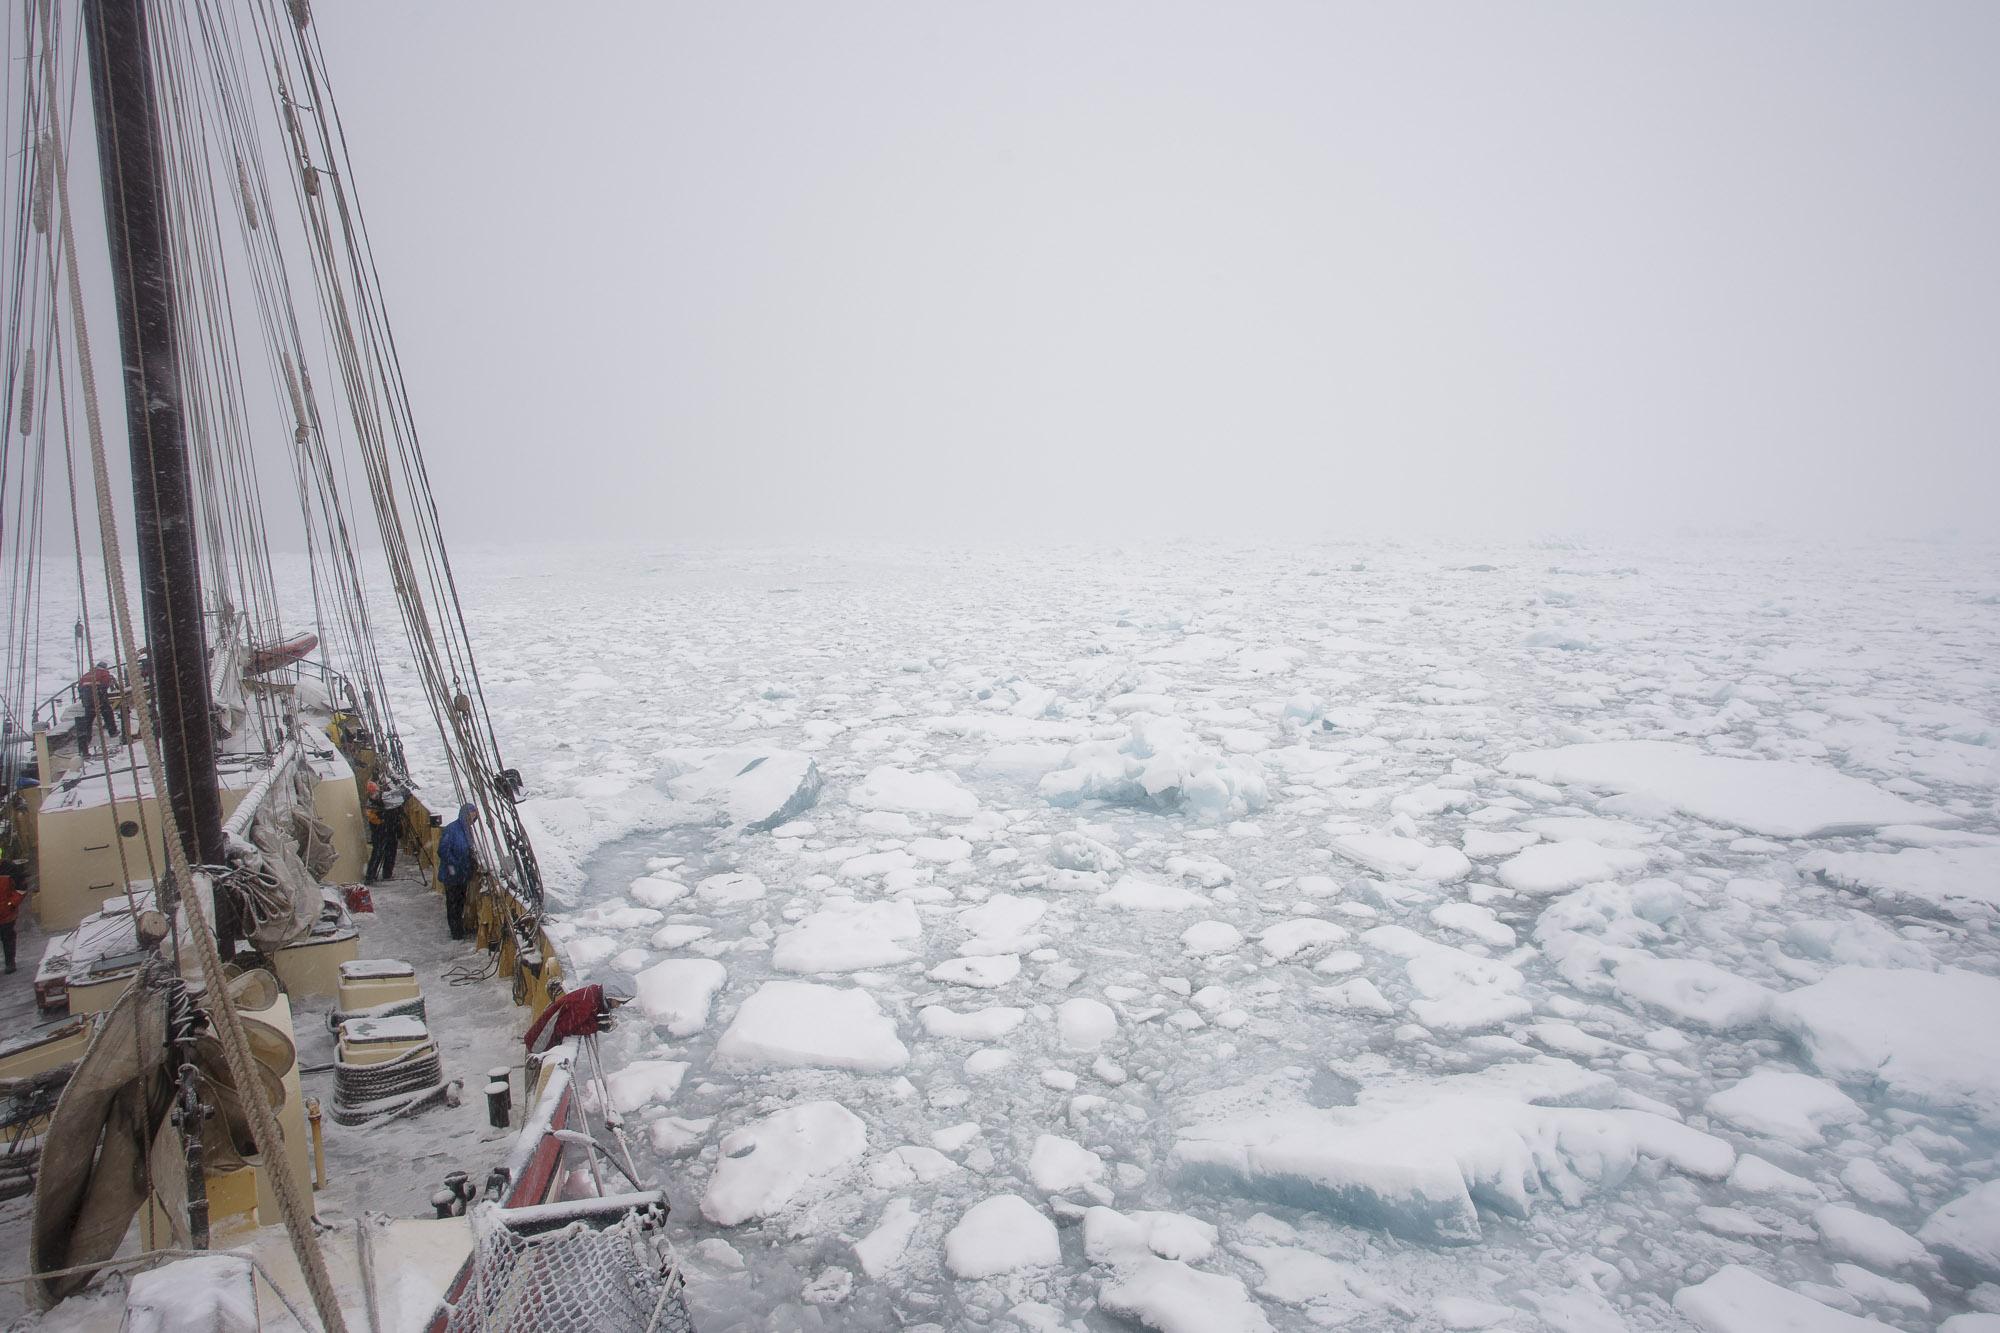 Noorderlicht in sea ice